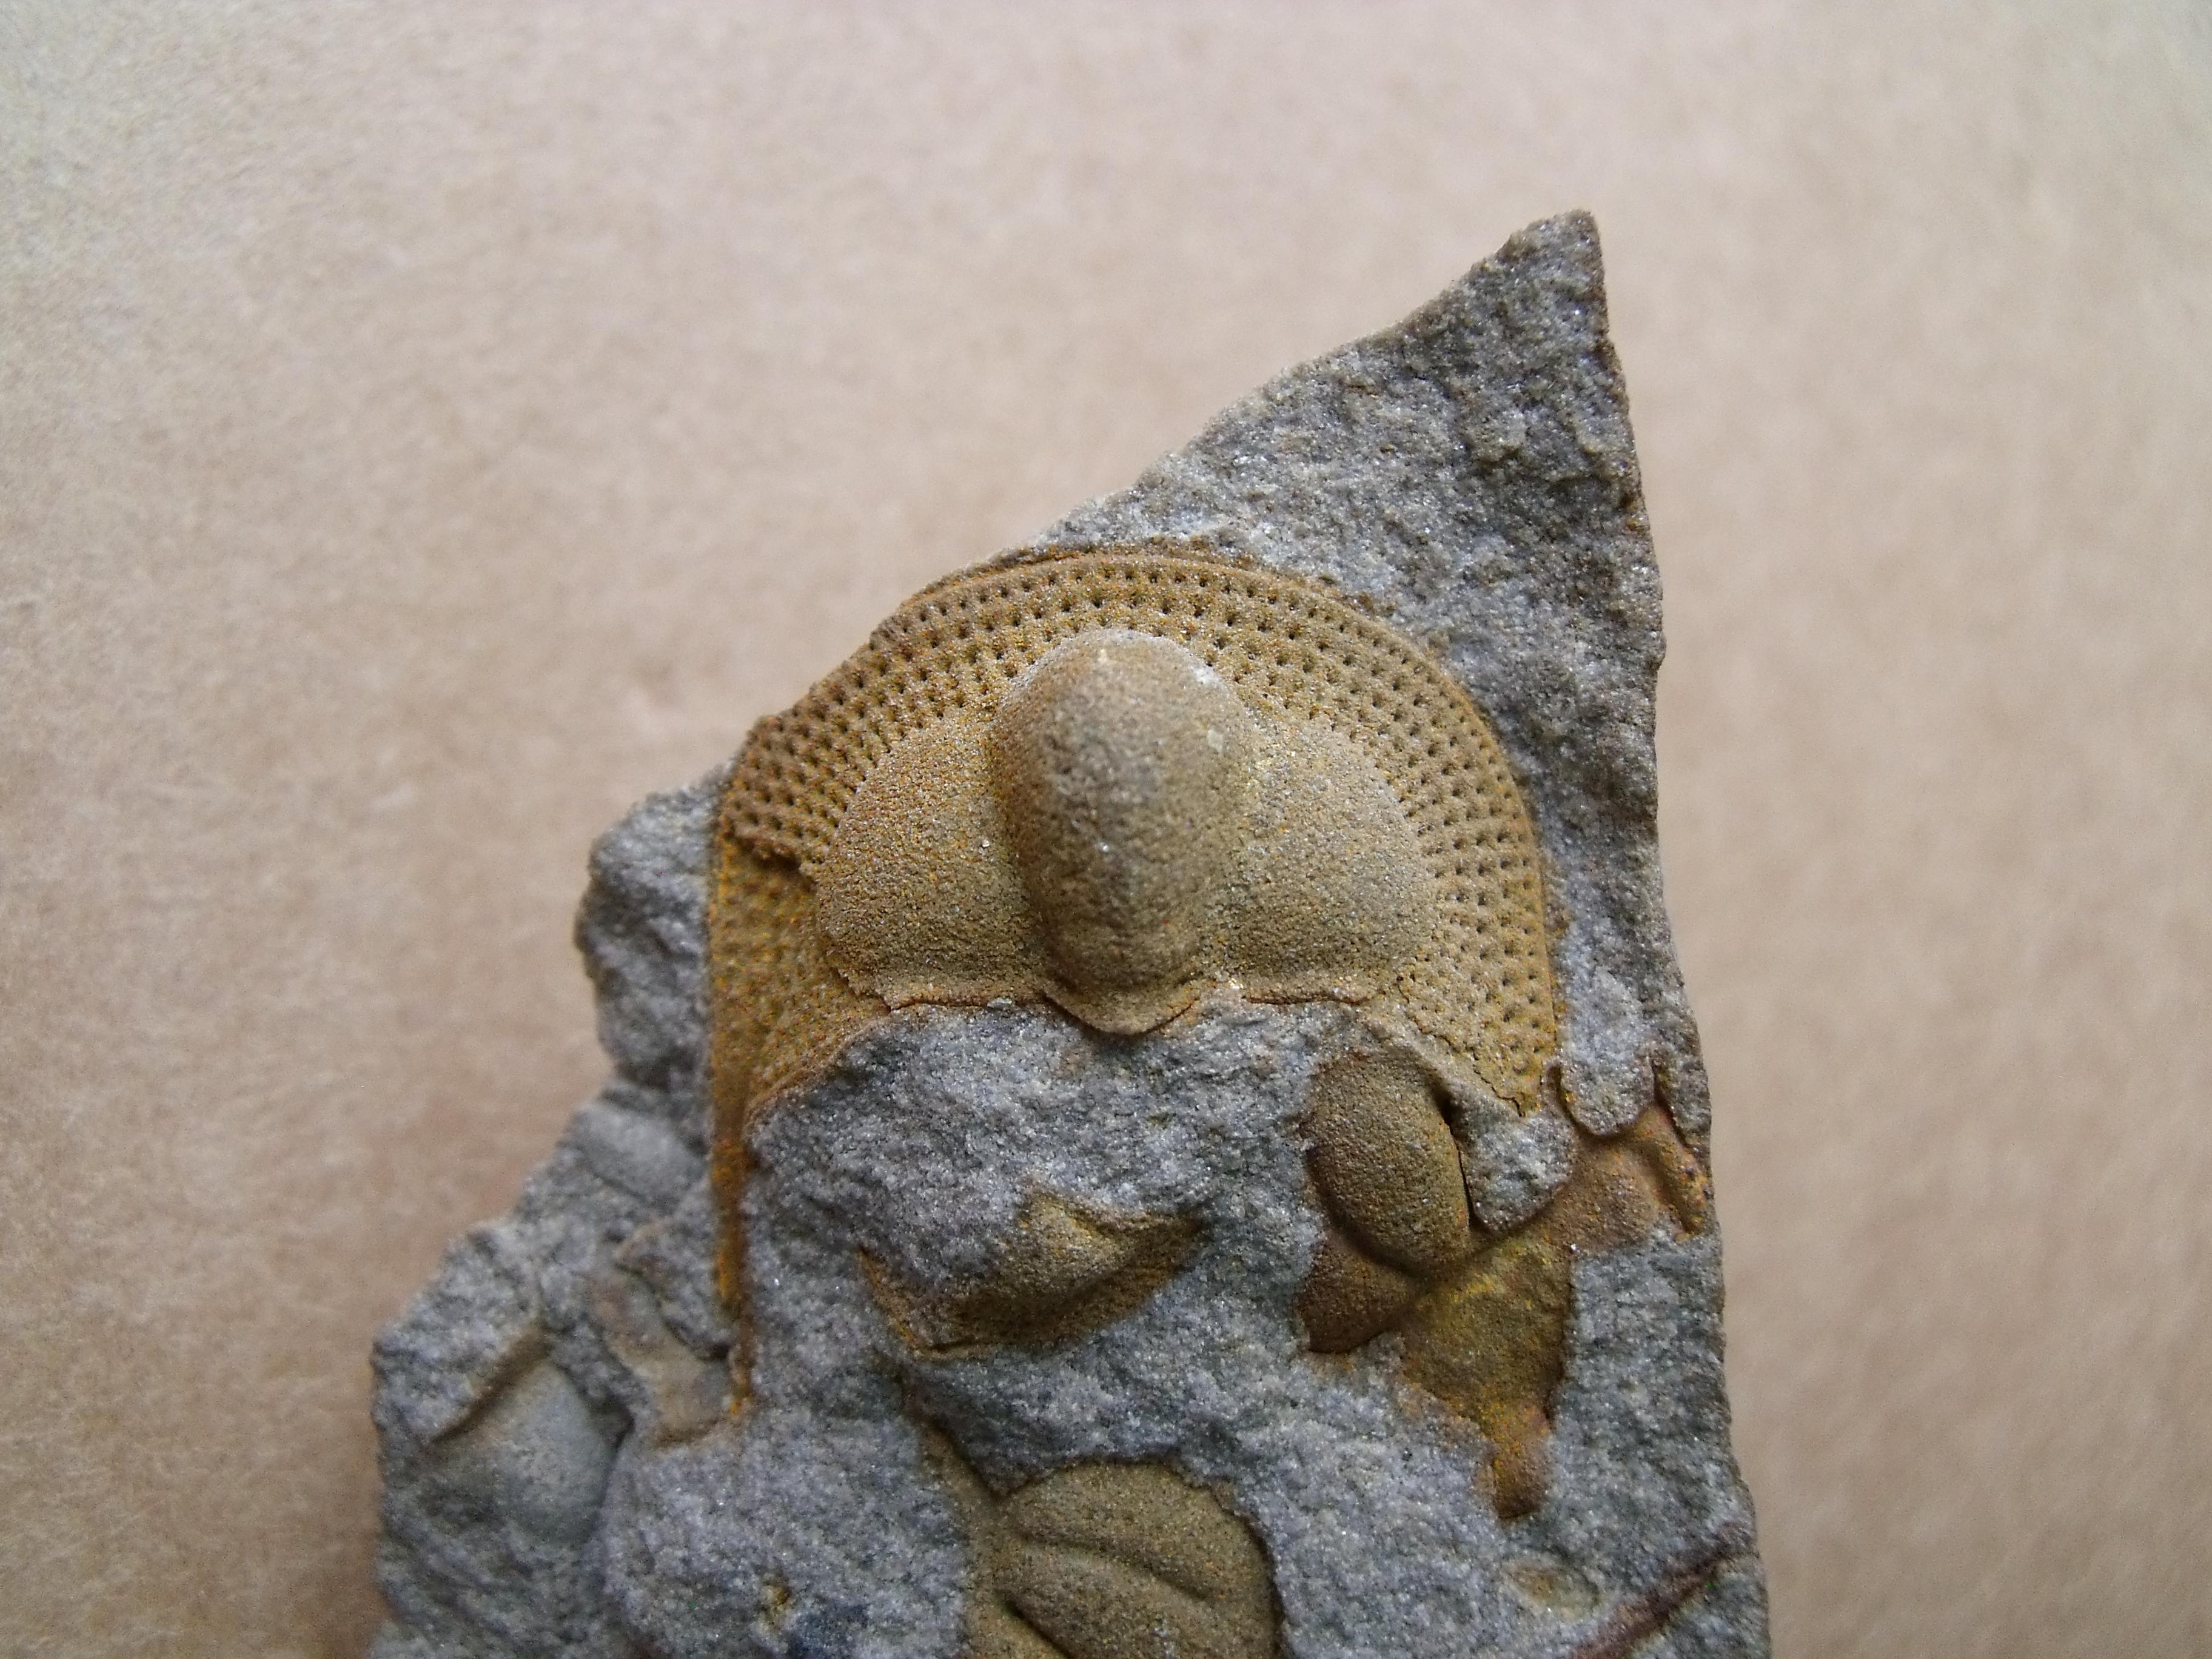 hlava trilobita Deanaspis goldfussi, (lok.Beroun)